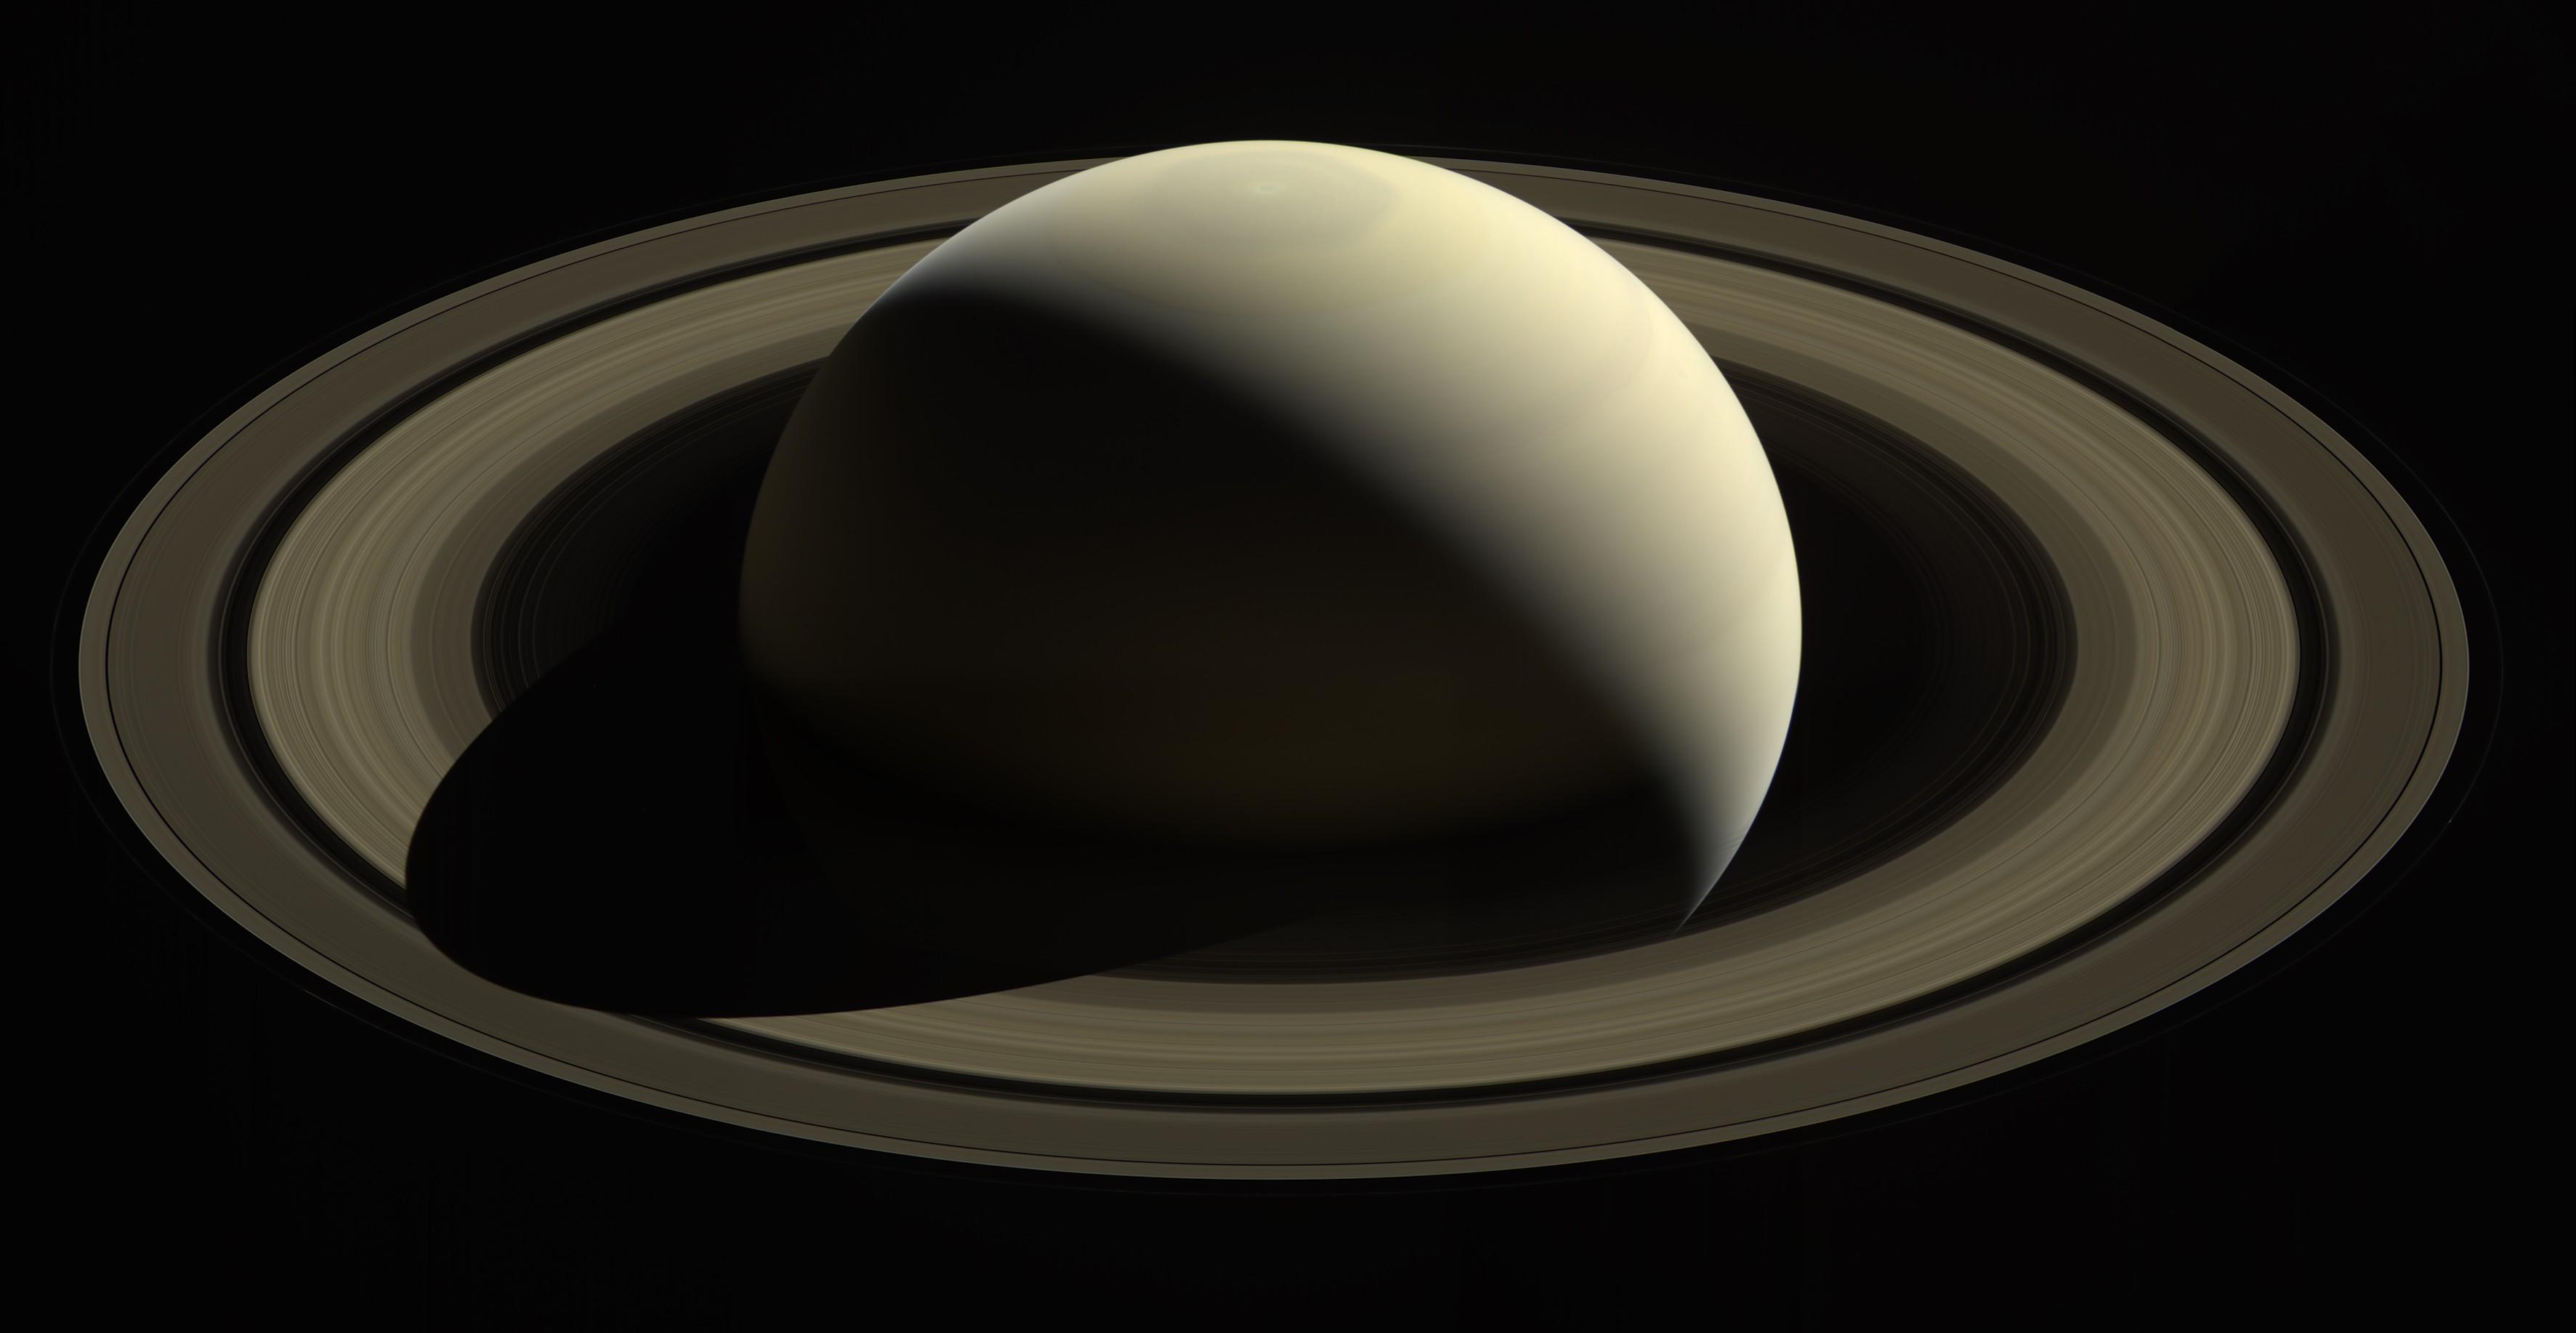 Reprodução feita pela Nasa da captura de imagens de Saturno realizada pela sonda Cassini  (Foto: Divulgação/Nasa)